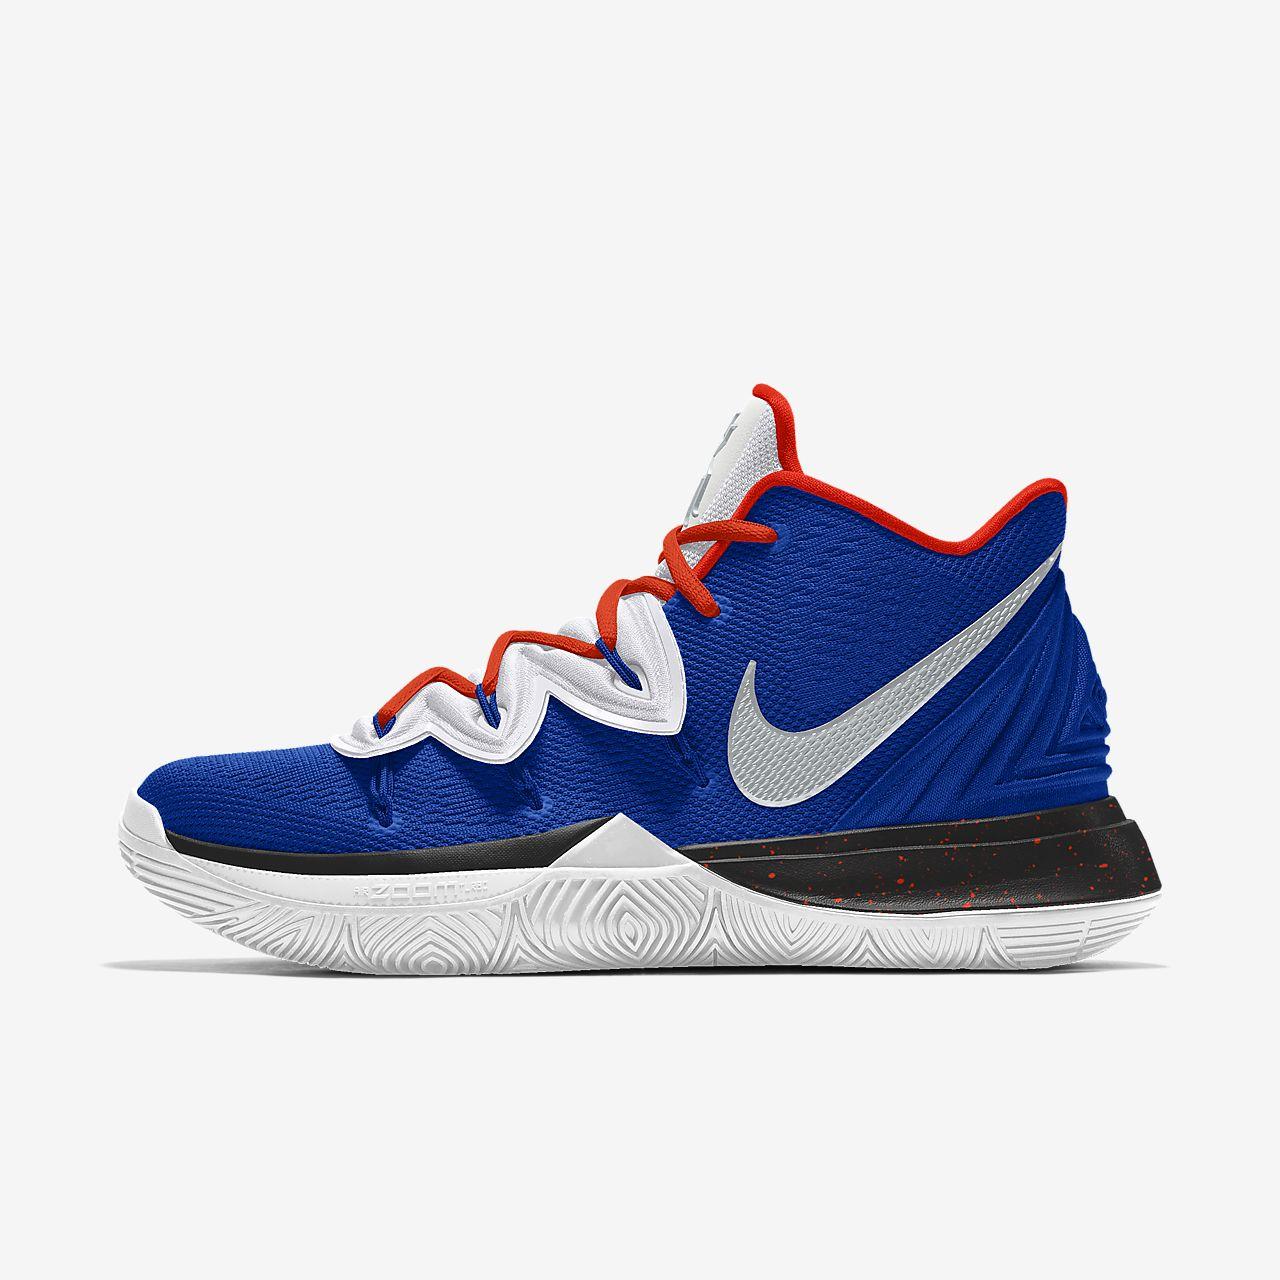 Personalizowane buty do koszykówki Kyrie 5 By You